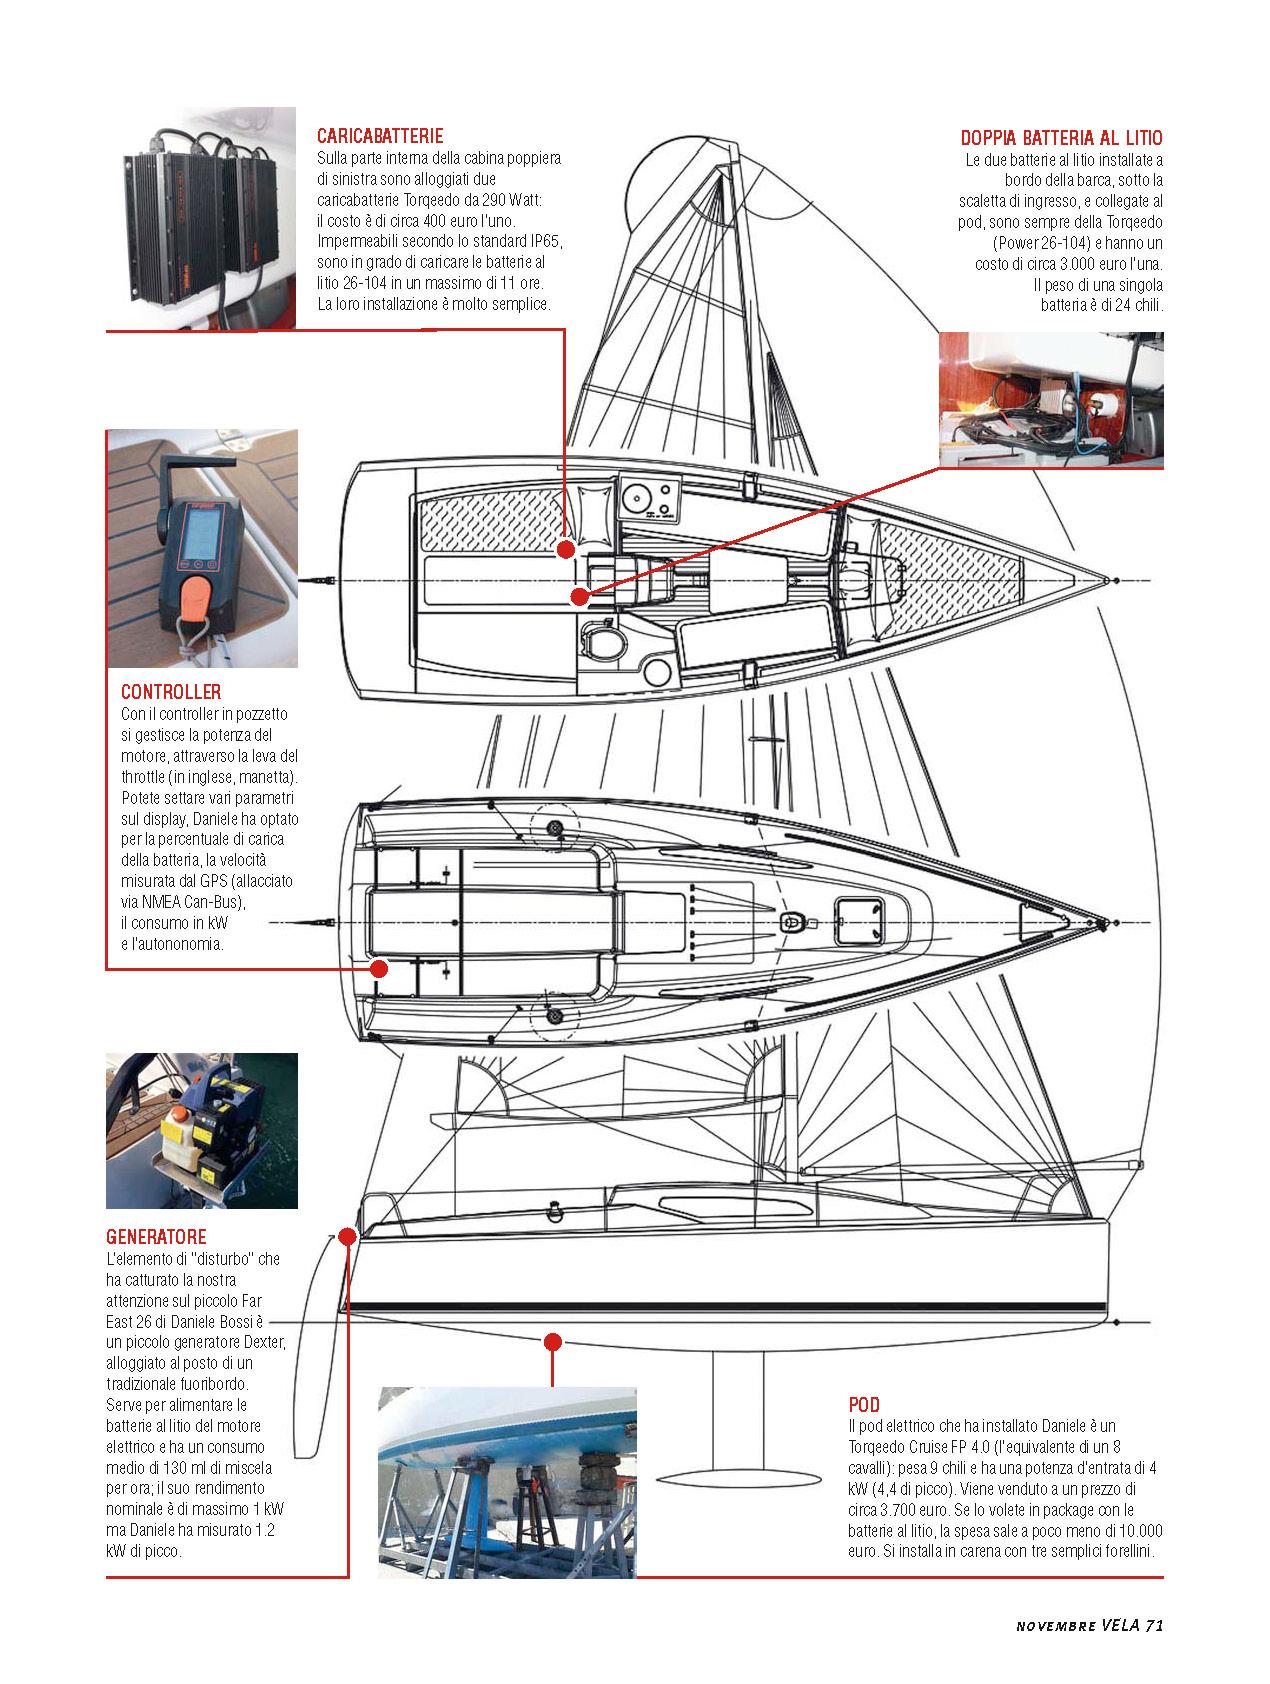 Schema Elettrico Hm : Vi spiego come ho reso elettrica la mia barcau201d. ecorivoluzione alle